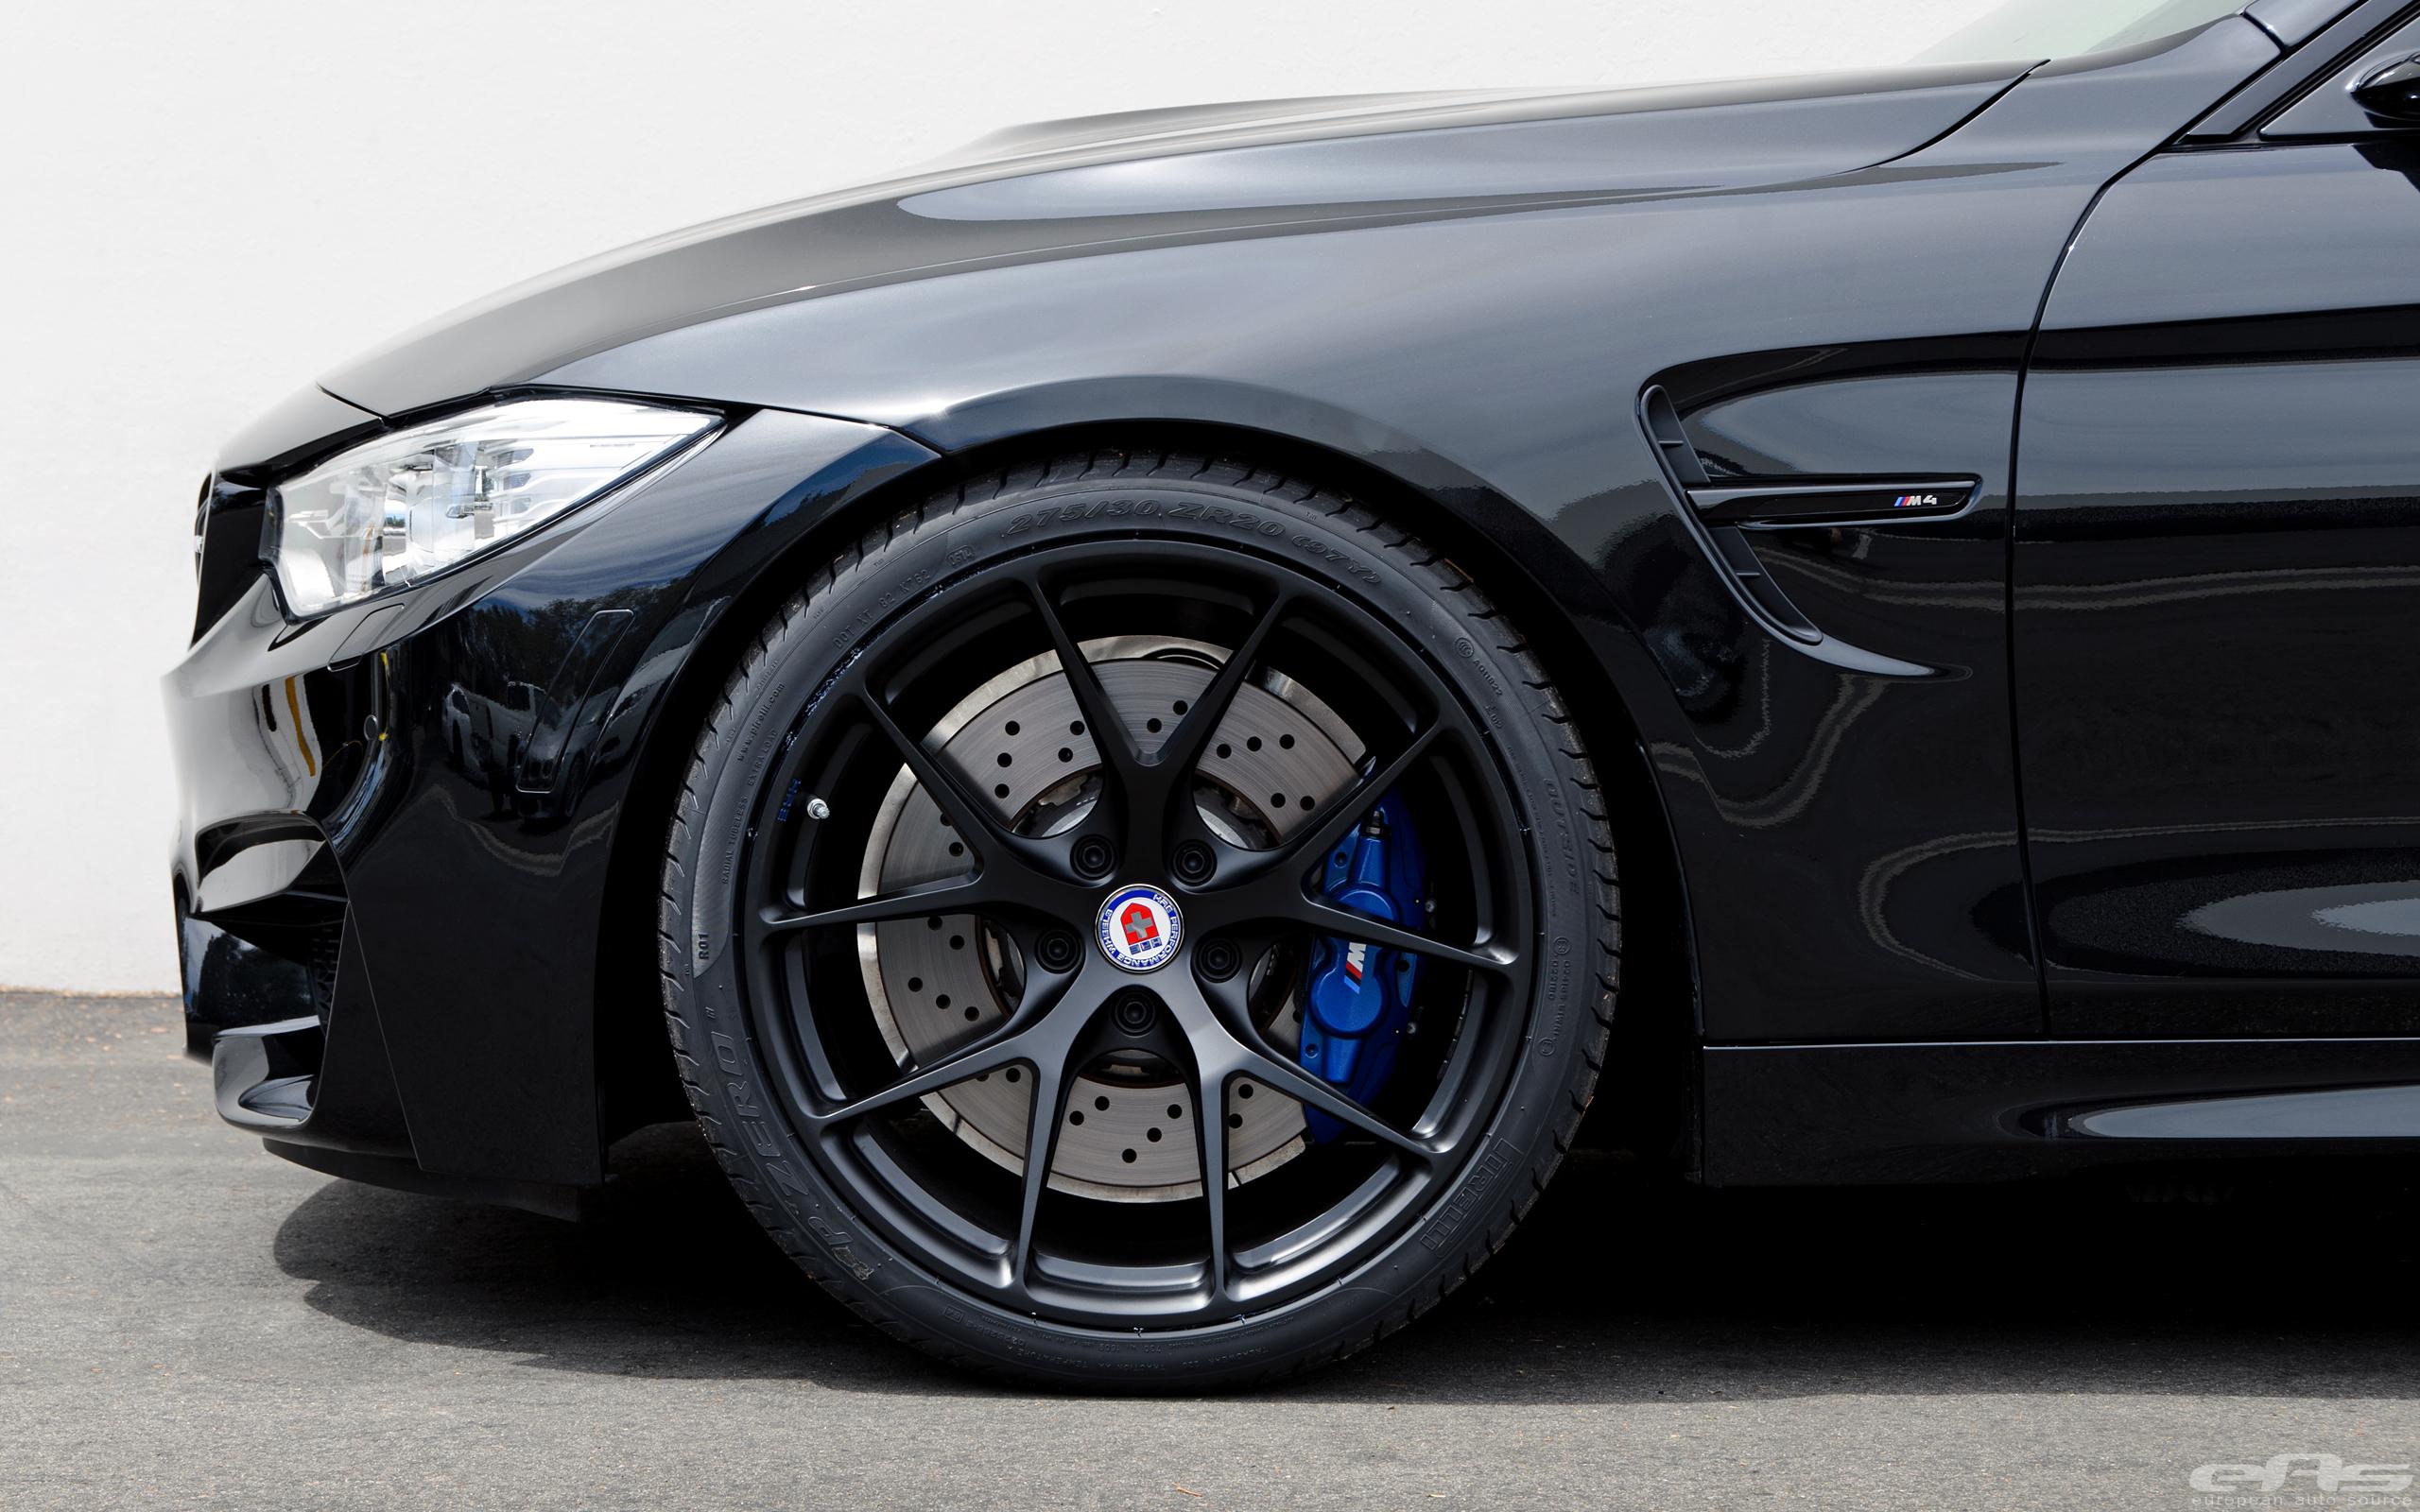 Matte Black Hre Wheels For A Black Sapphire M4 Bmw Performance Parts Amp Services